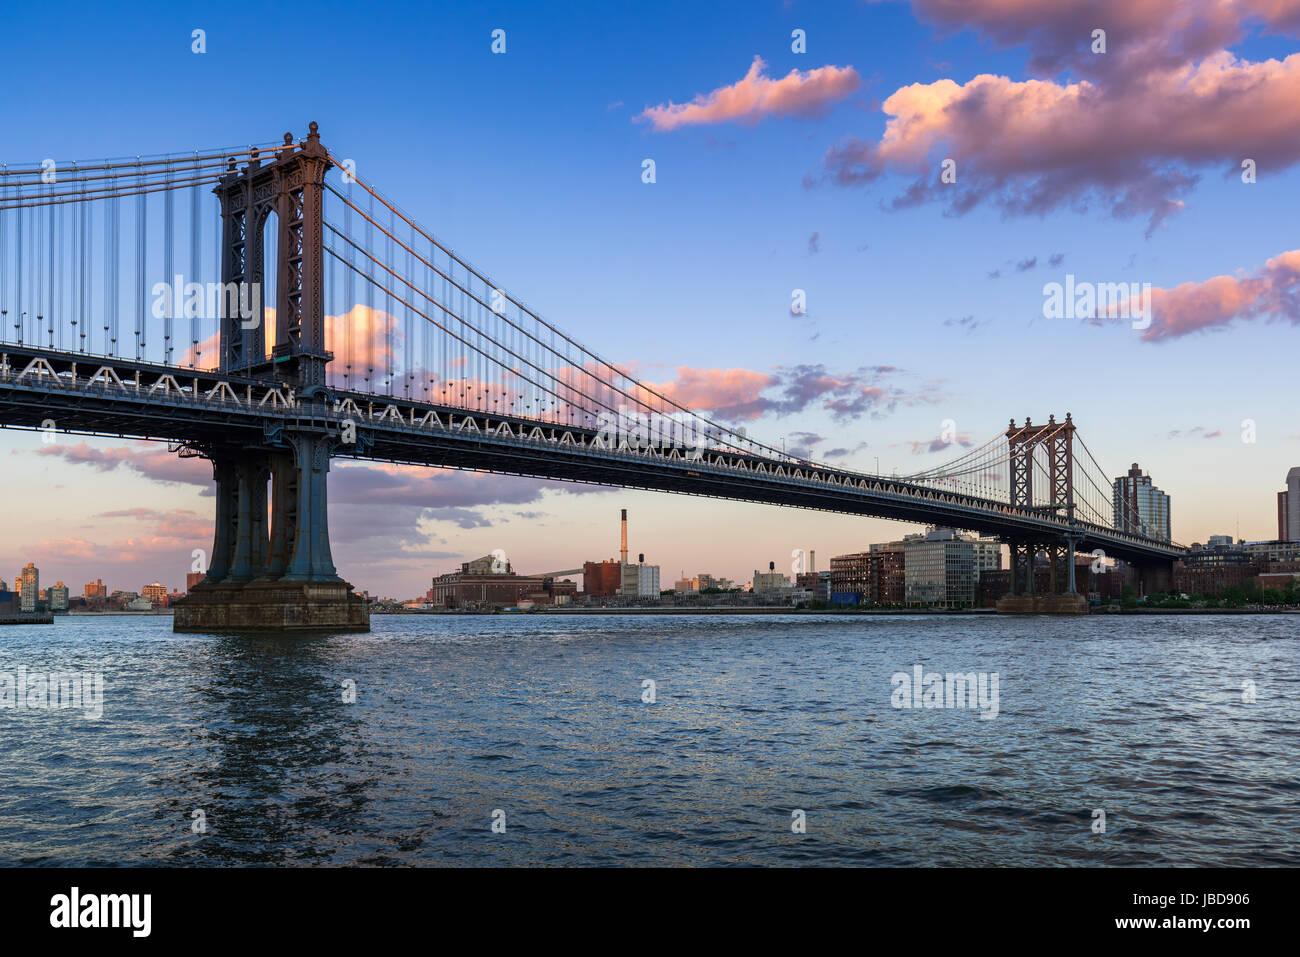 Manhattan Bridge (pont suspendu long-span) au cours de l'East River au coucher du soleil avec vue sur Brooklyn. Photo Stock